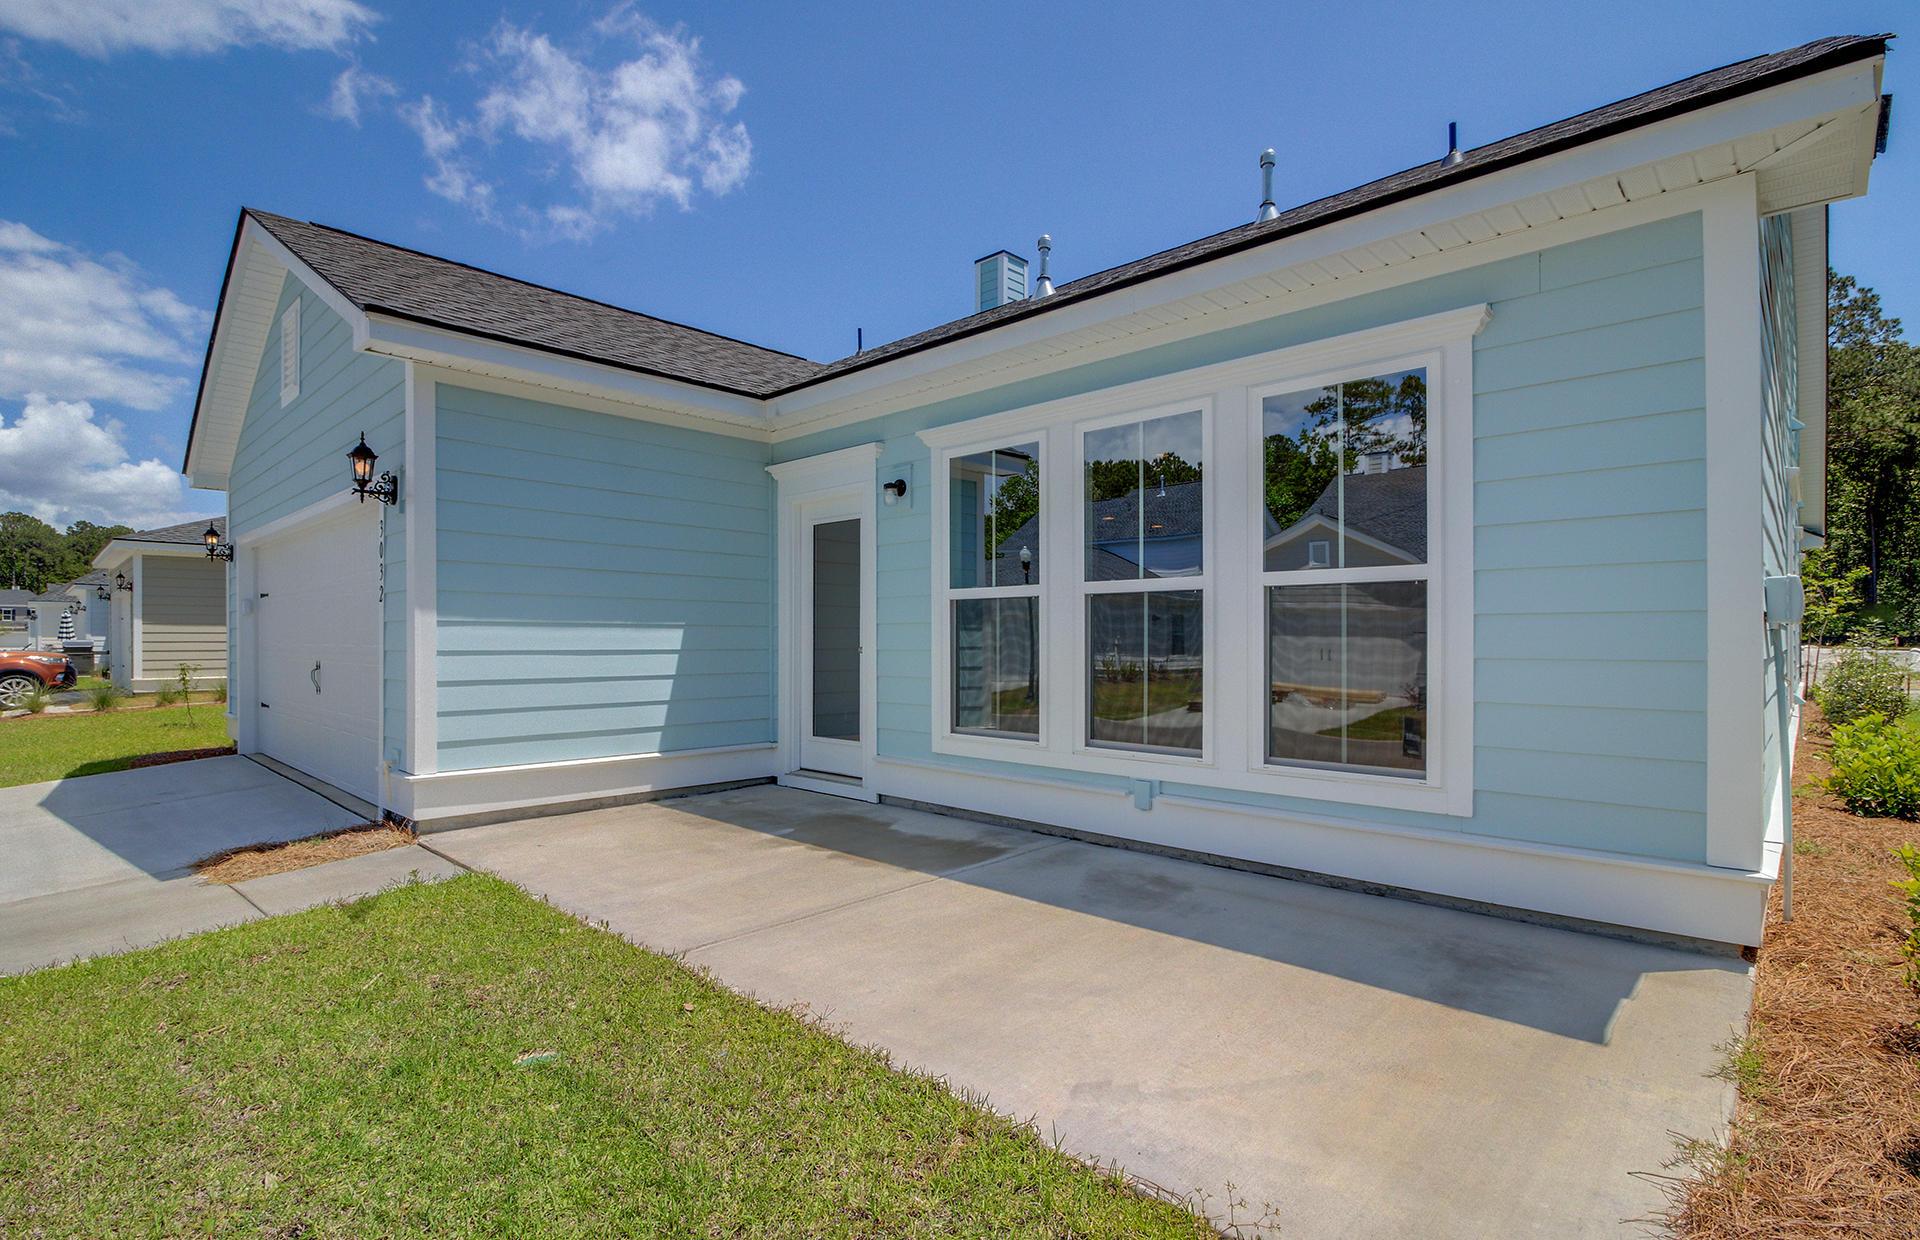 Park West Homes For Sale - 3032 Caspian, Mount Pleasant, SC - 14